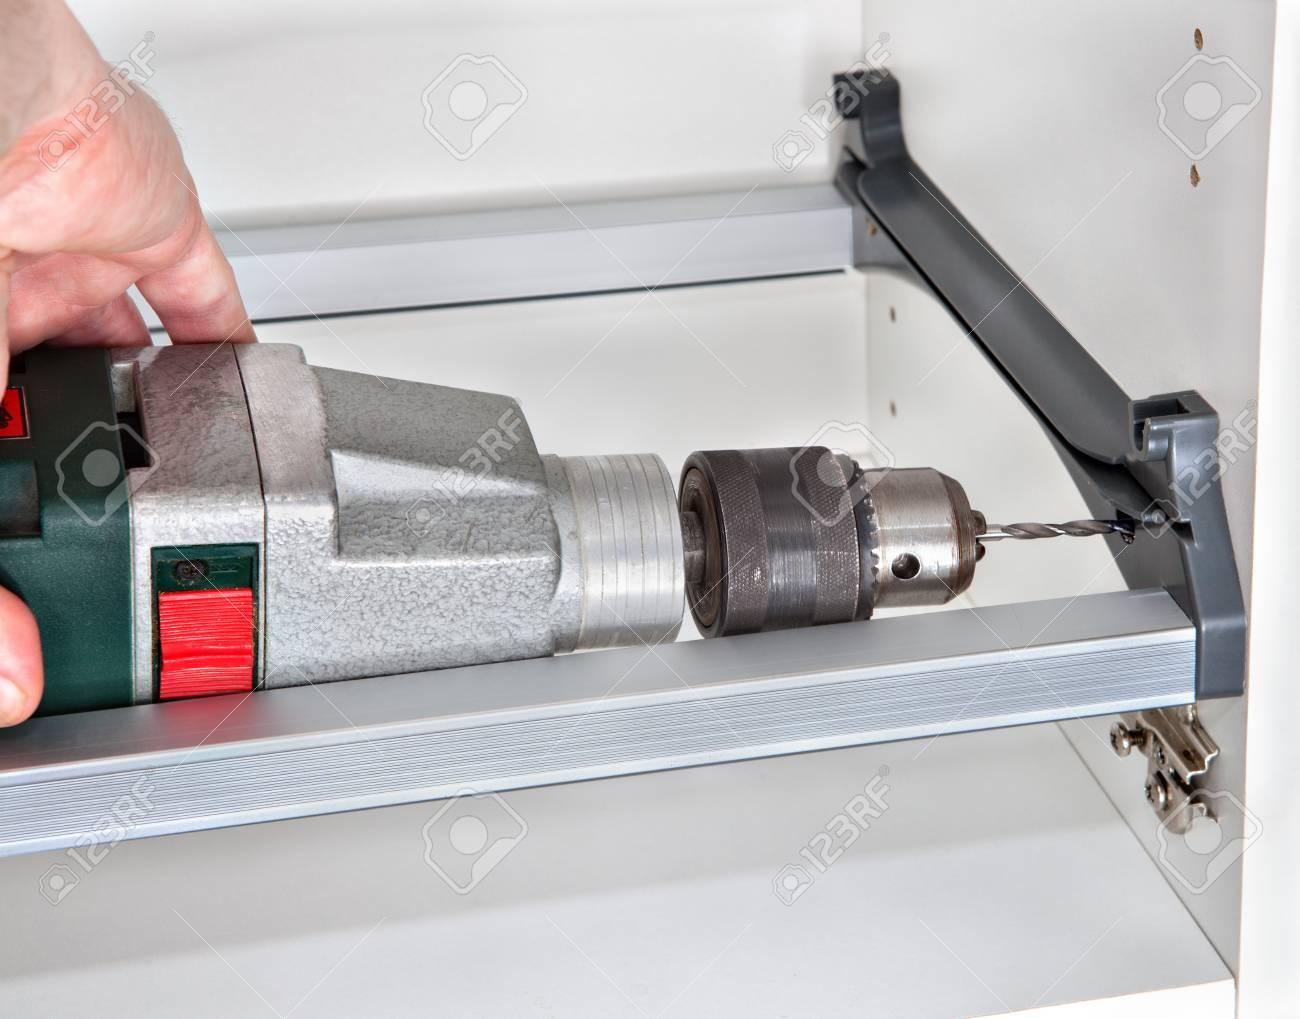 Instalación de muebles de cocina, montaje montaje de la pared del gabinete  para secar platos, el agujero carpintero se perfora utilizando taladro ...